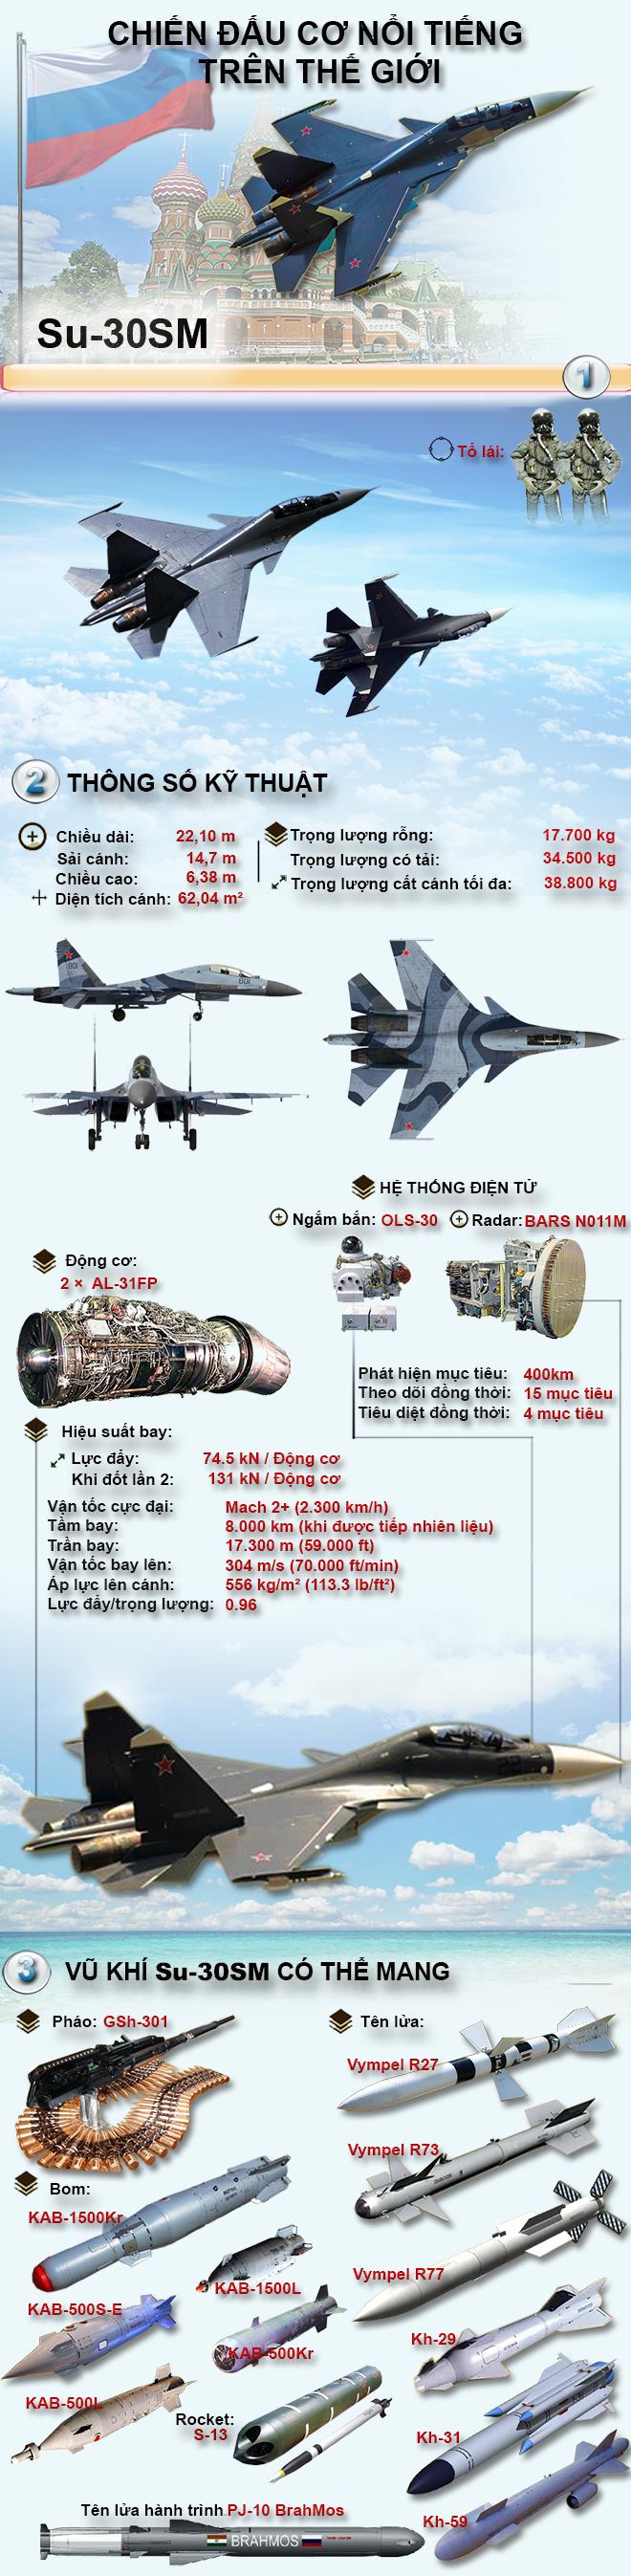 CẬP NHẬT: Ngay lúc này Nội Bài đã đủ điều kiện để Phi đội tiêm kích Su-30SM hạ cánh - Ảnh 2.